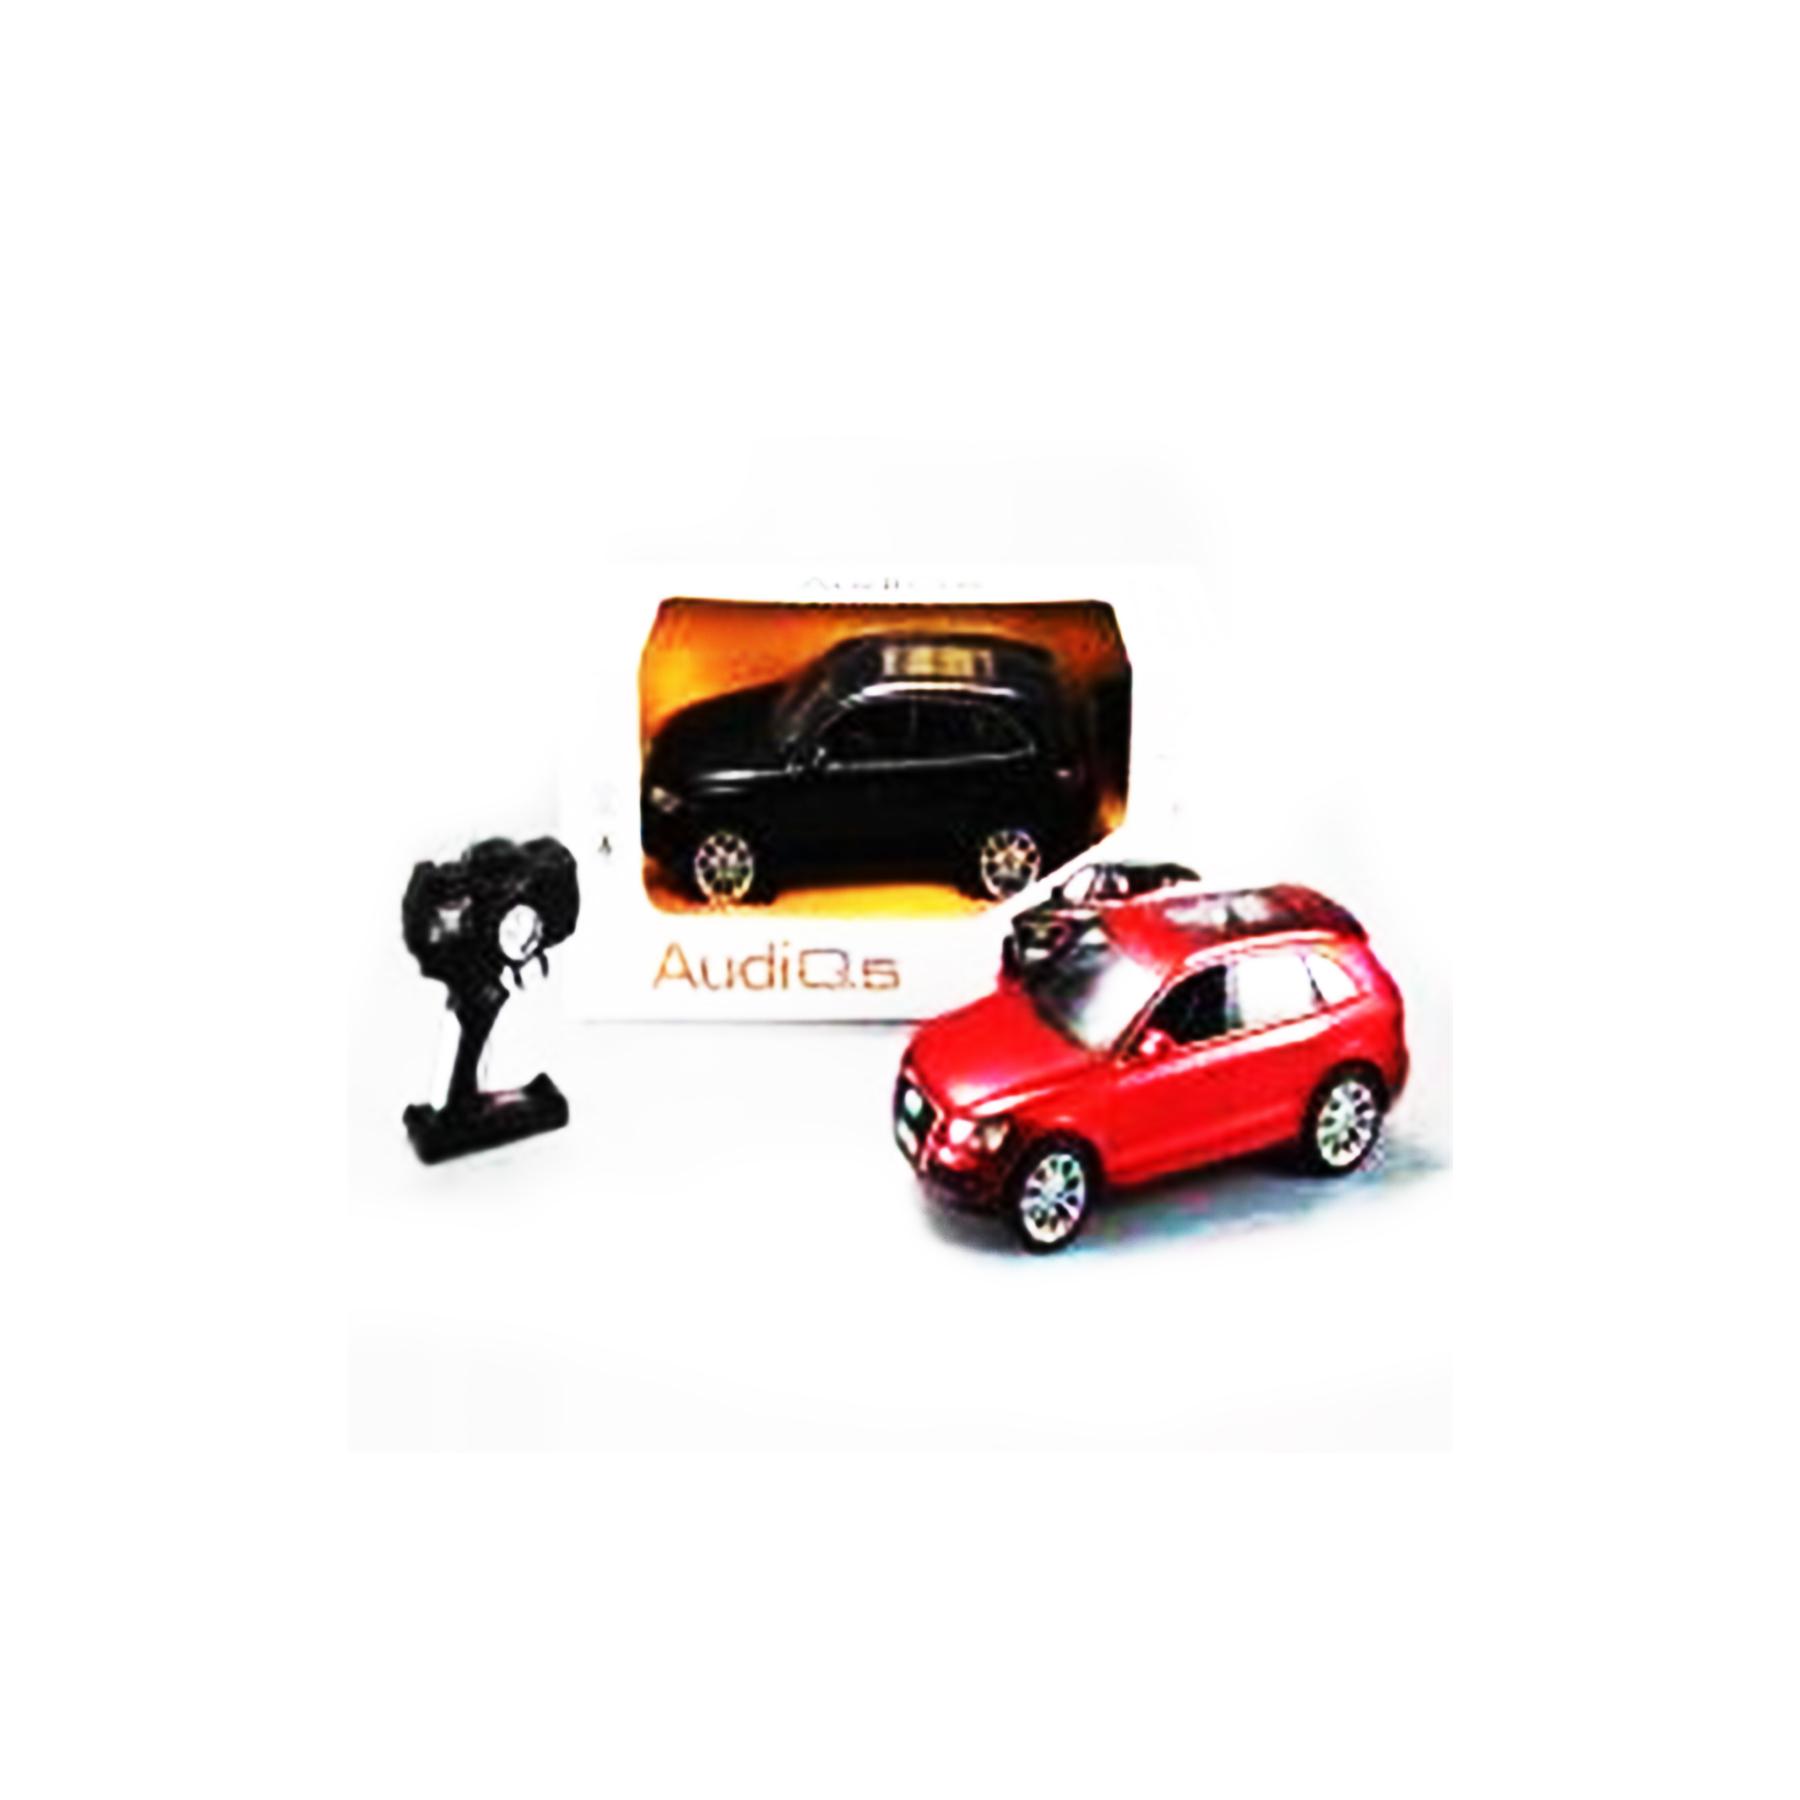 Автомобиль пластмассовый на Р/У модель Audi Q5  300210 (376007)